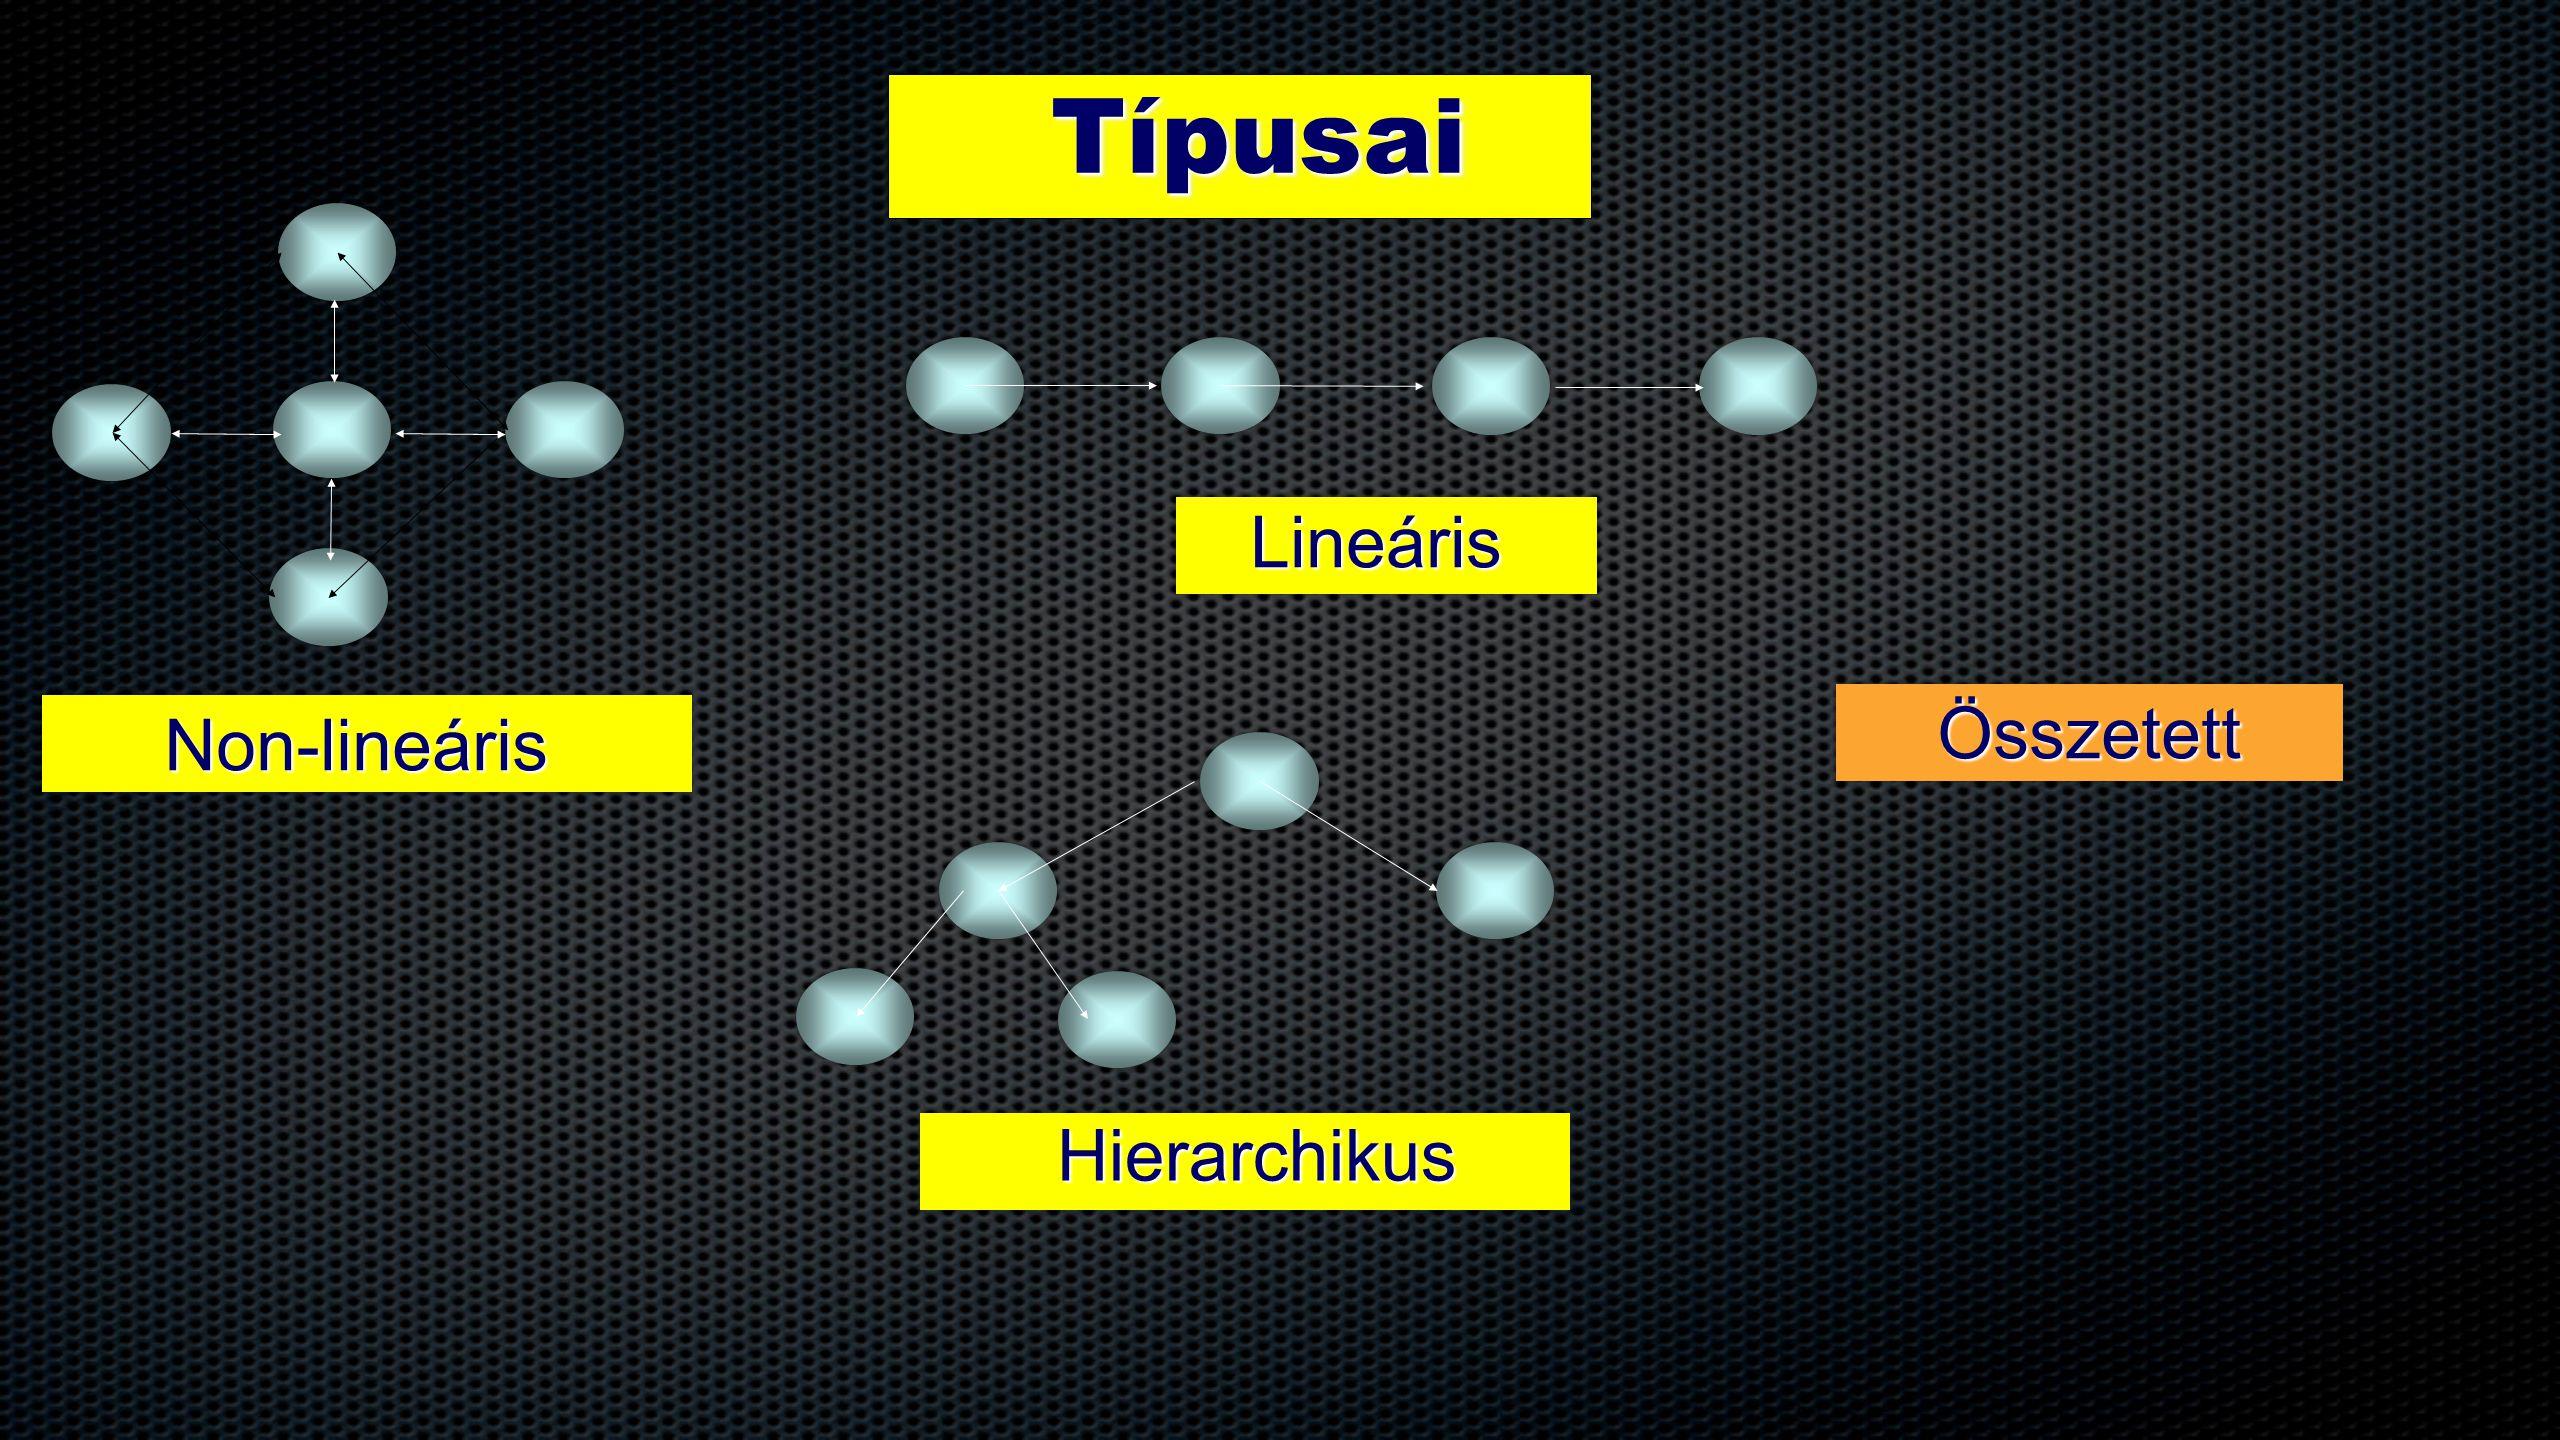 TípusaiTípusai Lineáris Összetett Non-lineáris Hierarchikus